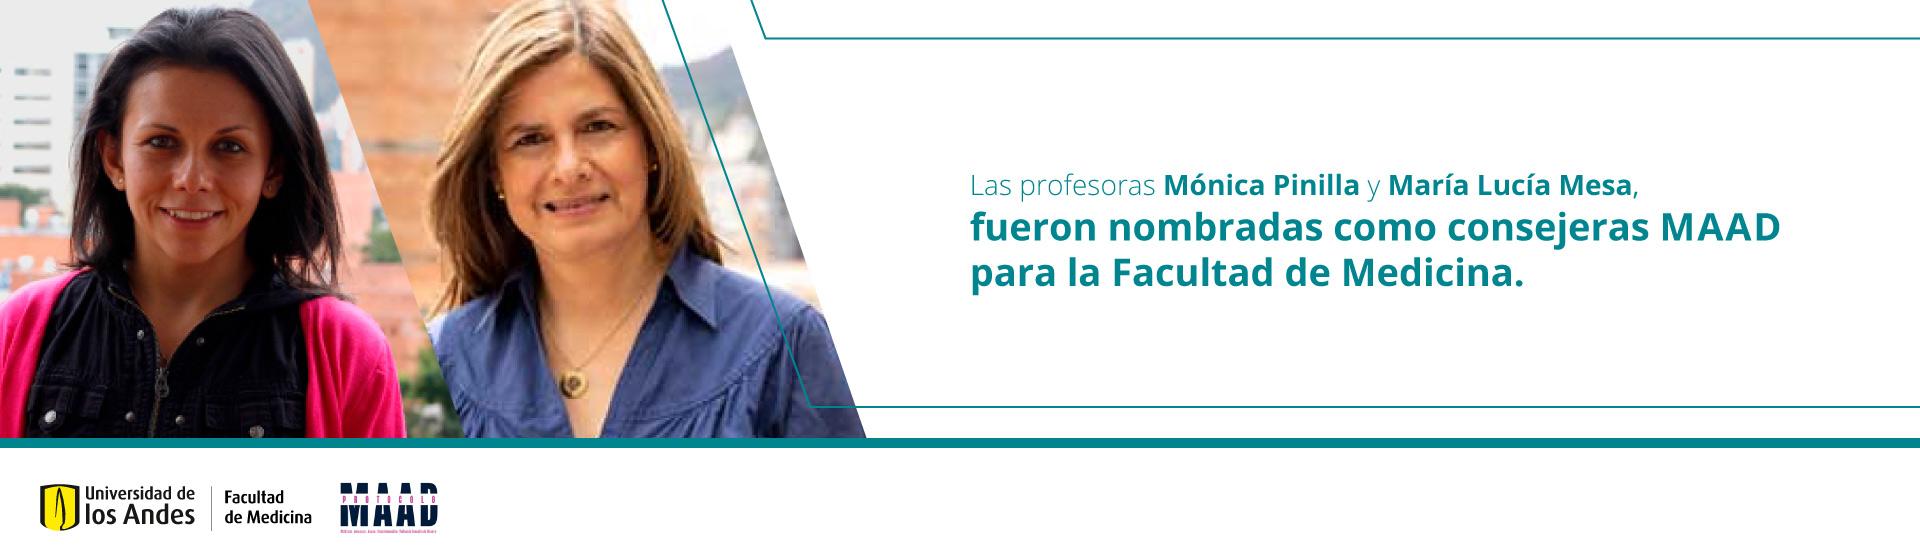 Mónica Pinilla y María Lucía Mesa - Consejeras MAAD